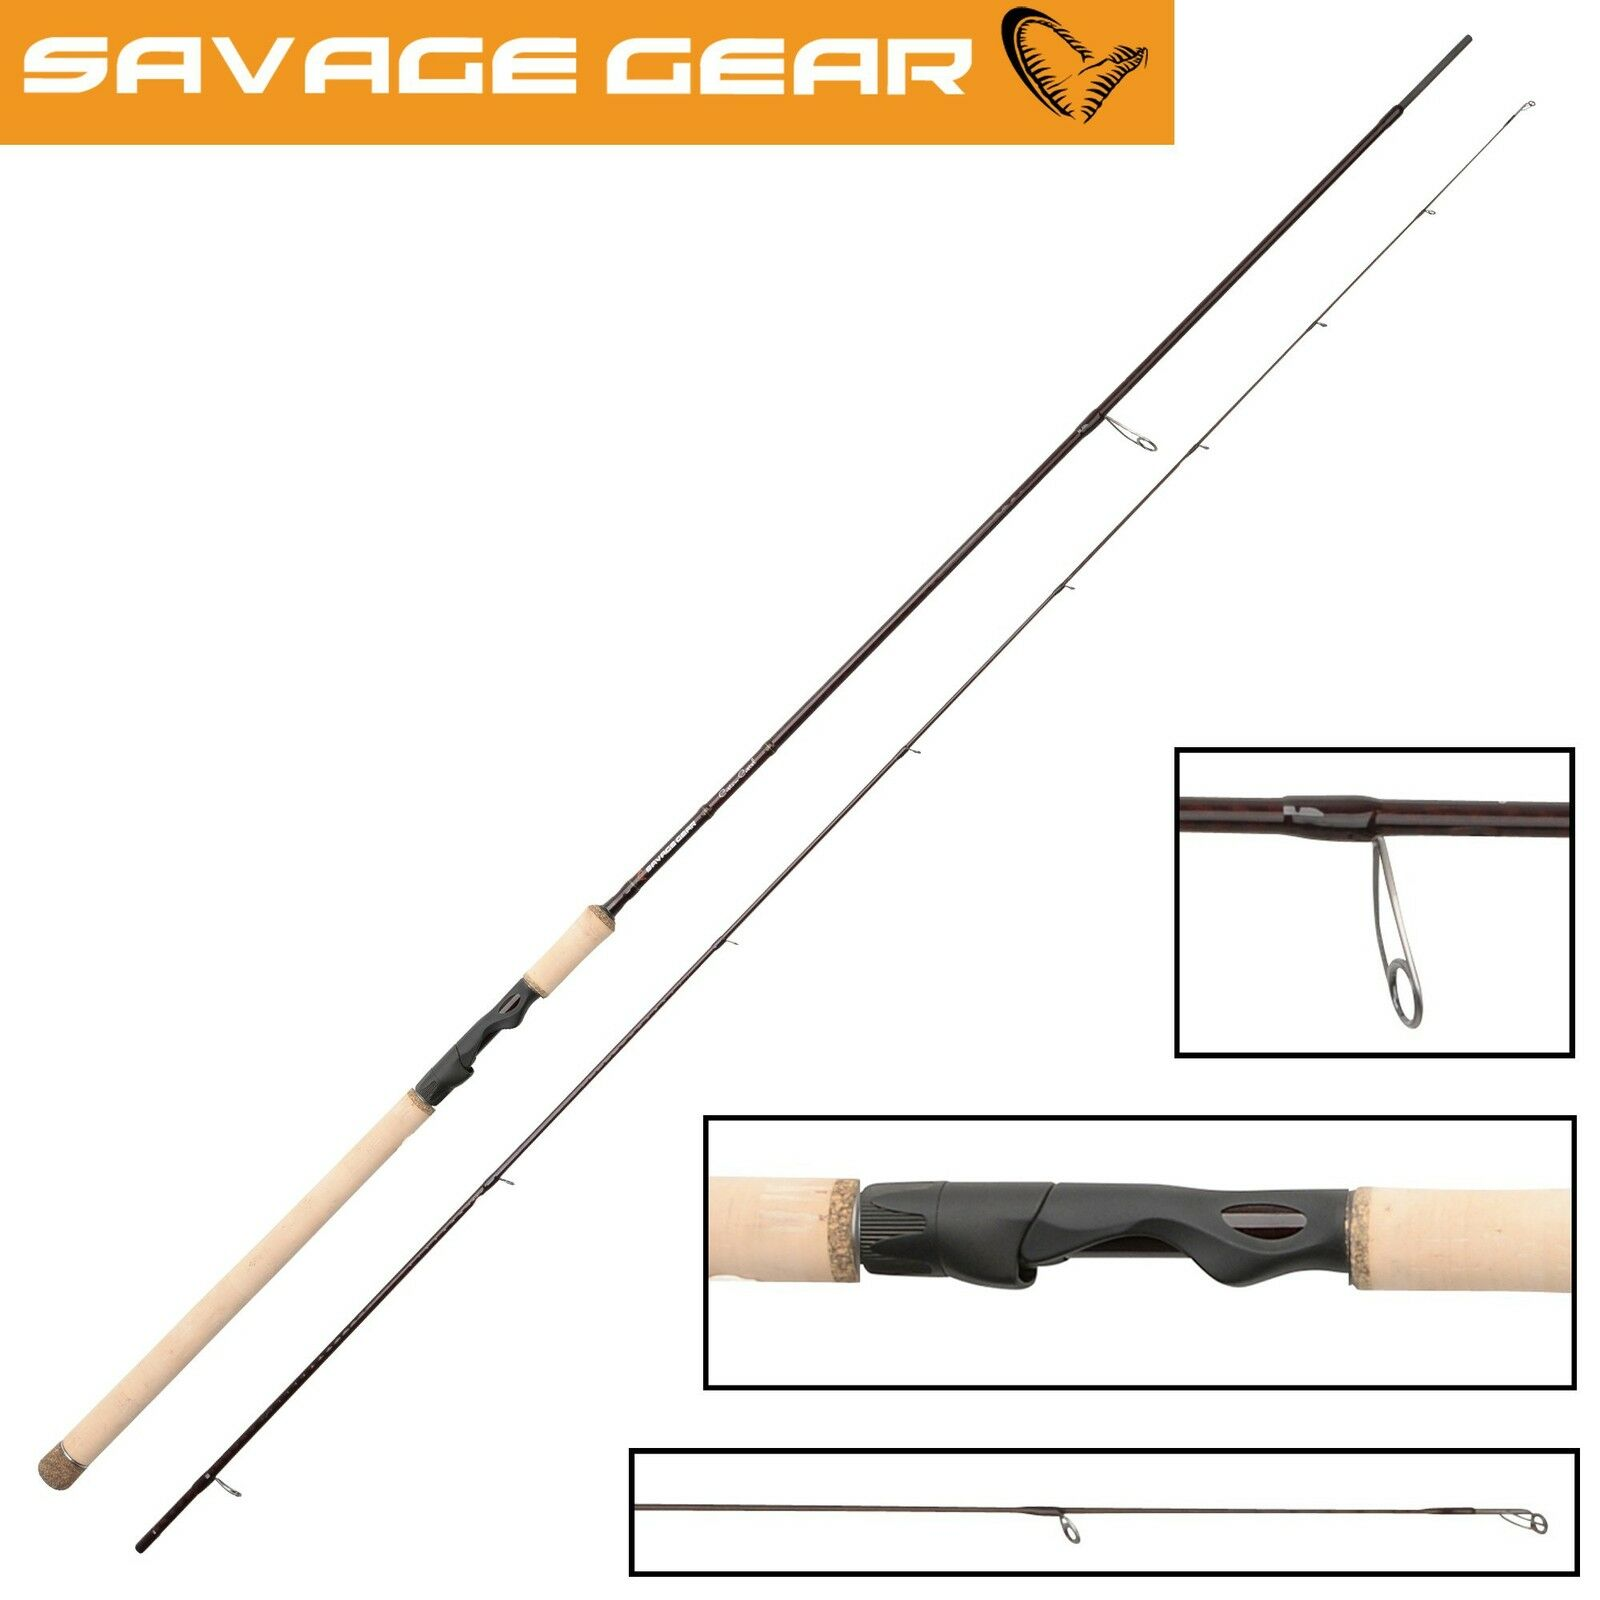 Savage Gear Custom Protator Protator Protator 258cm 150g, Hechtrute zum Kunstköderangeln    Bekannt für seine schöne Qualität  af5d82